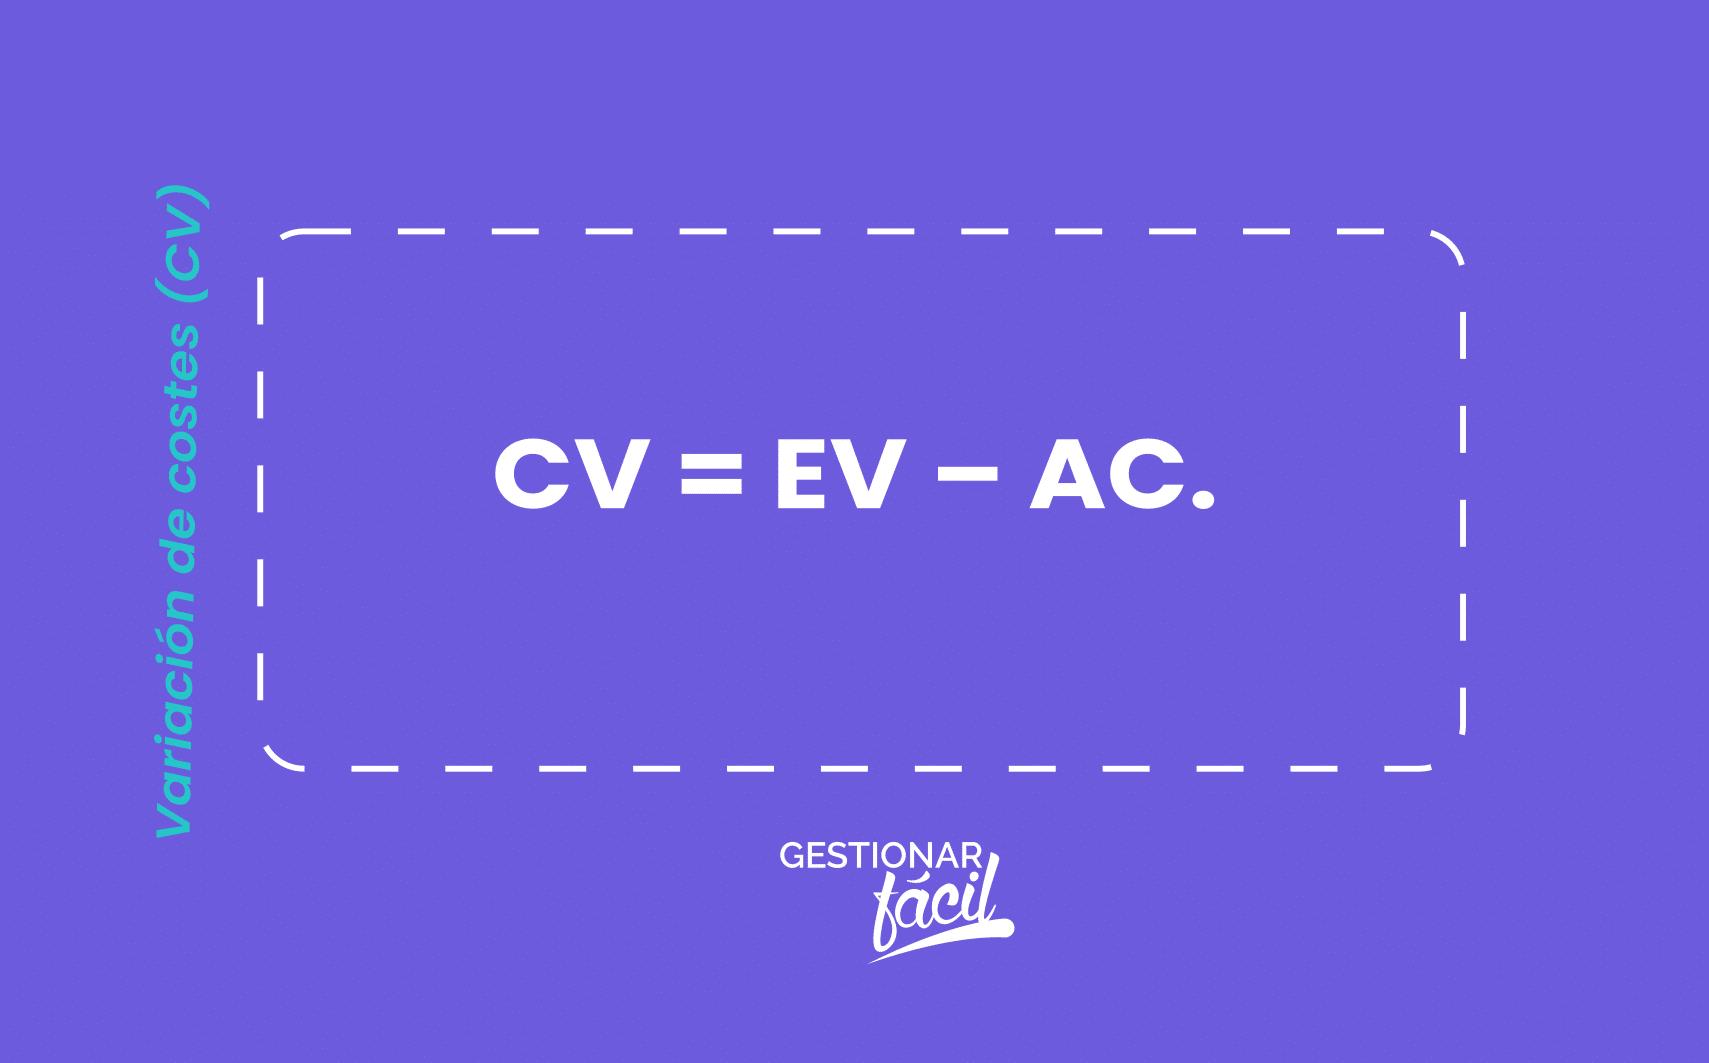 CV = EV – AC.